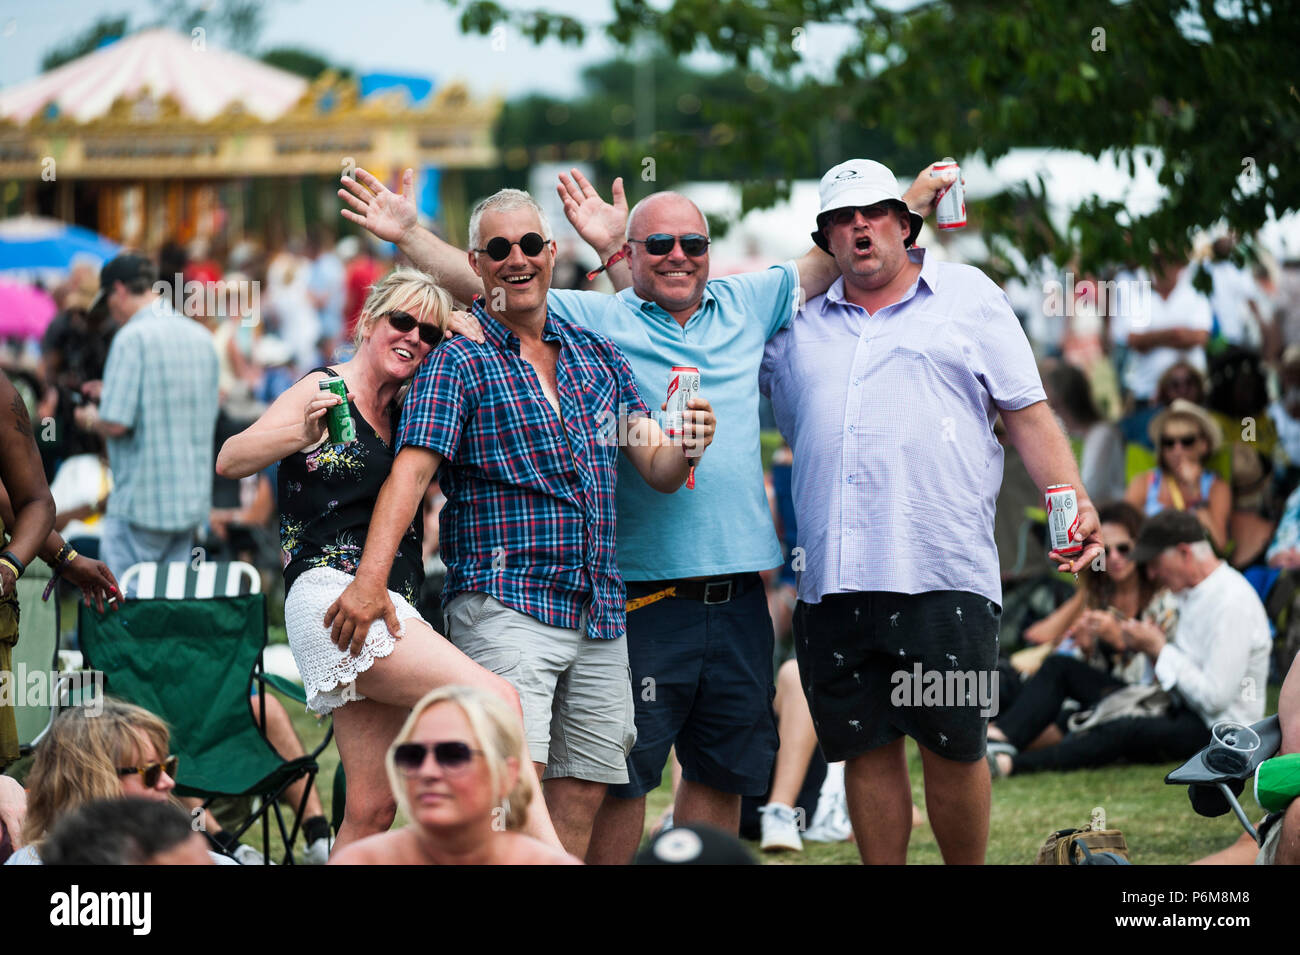 Glynde, East Sussex, 1er juillet 2018. Festivaliers profiter une autre brulante et humide journée à Glynde Place, dans le cadre pittoresque des South Downs, pour le dernier jour de l'amour du Suprême sixième fois en festival. Credit: Francesca Moore/Alamy Vivre Newscolo Photo Stock